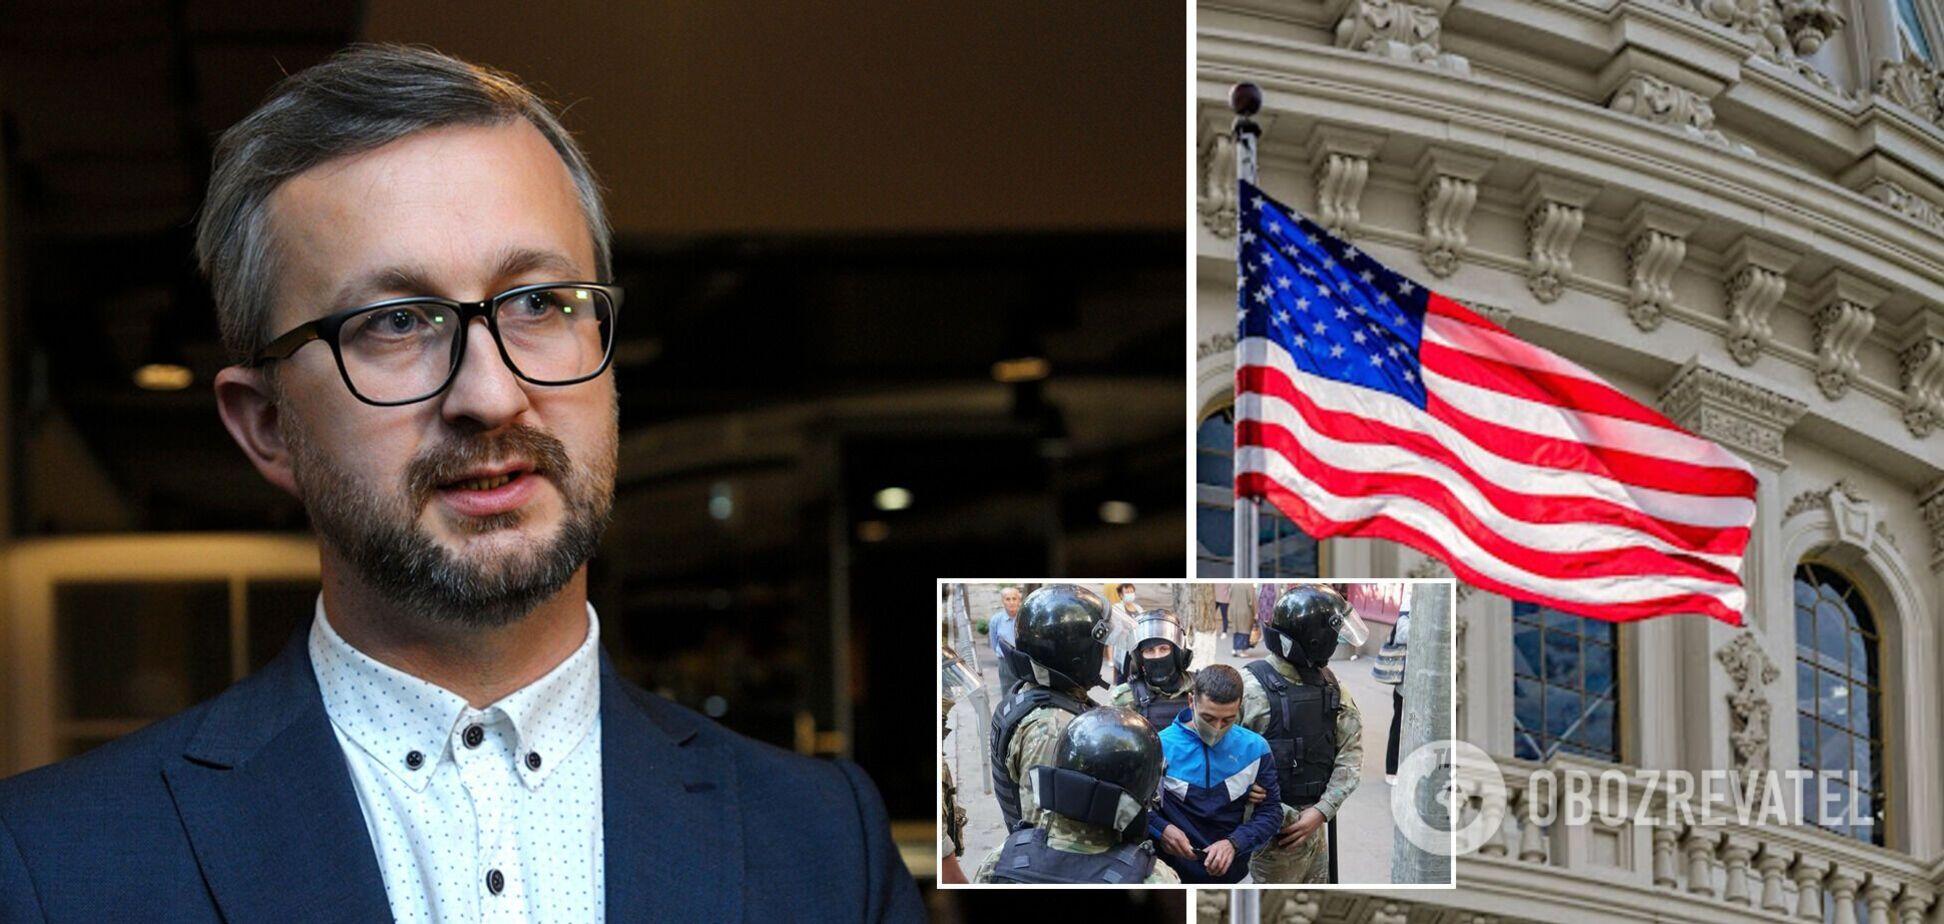 США призвали Россию немедленно освободить Джелялова и других крымских узников. Все подробности